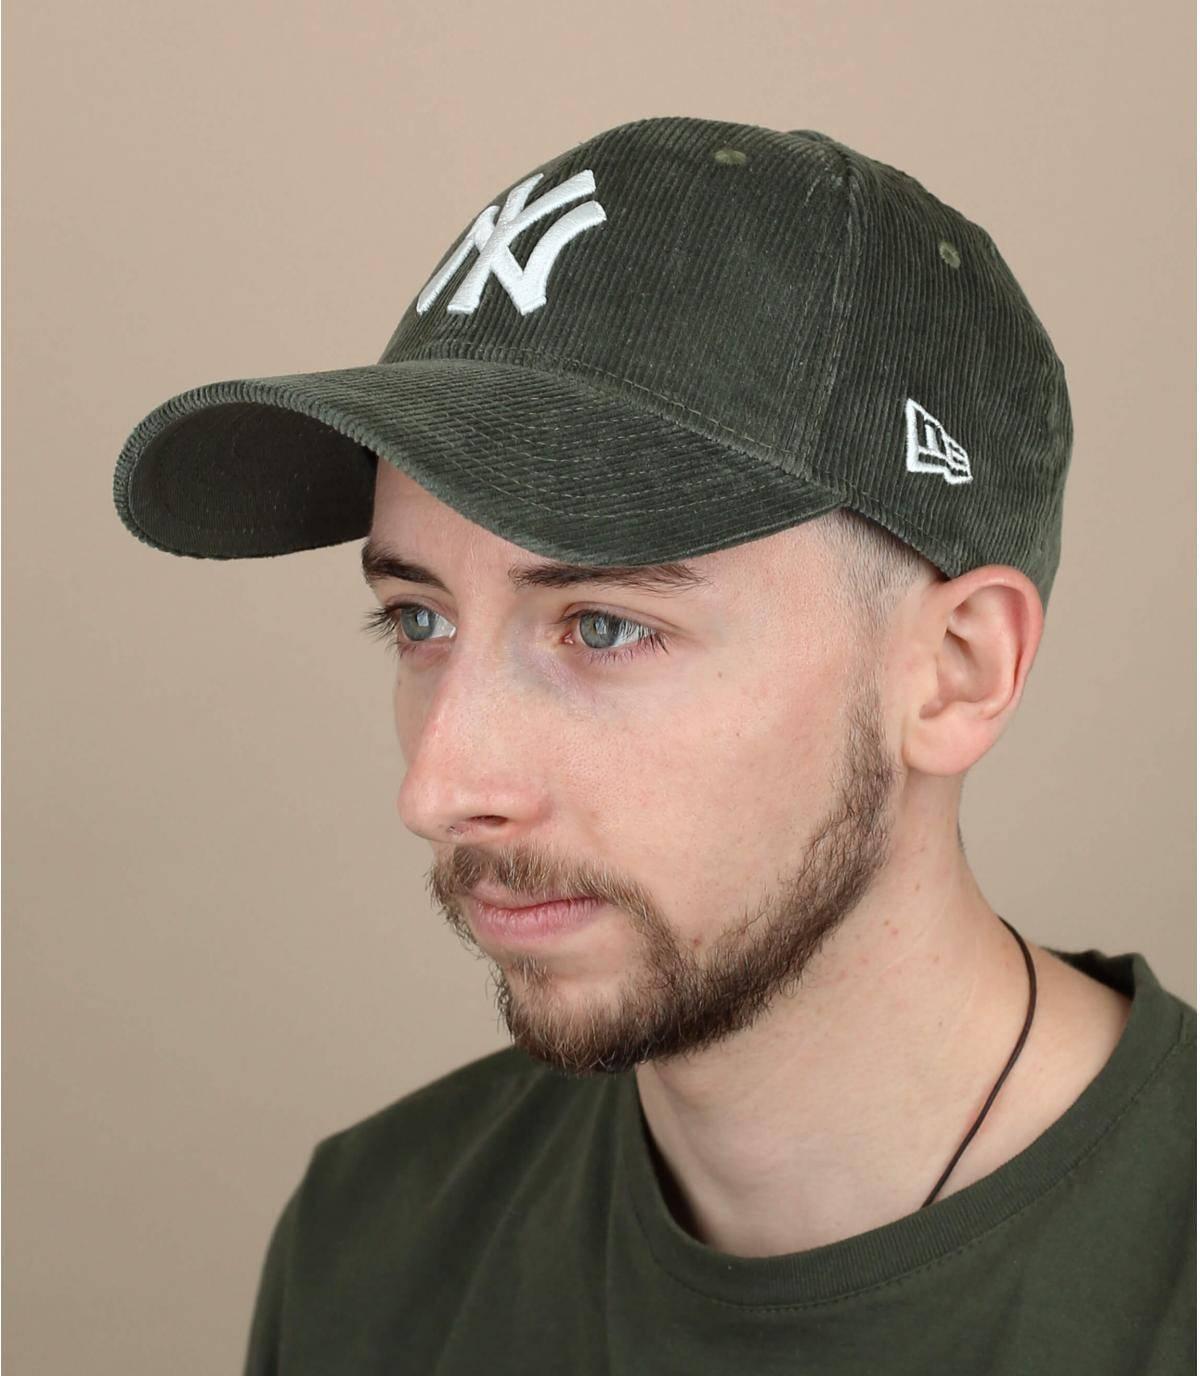 cappellino velluto verde